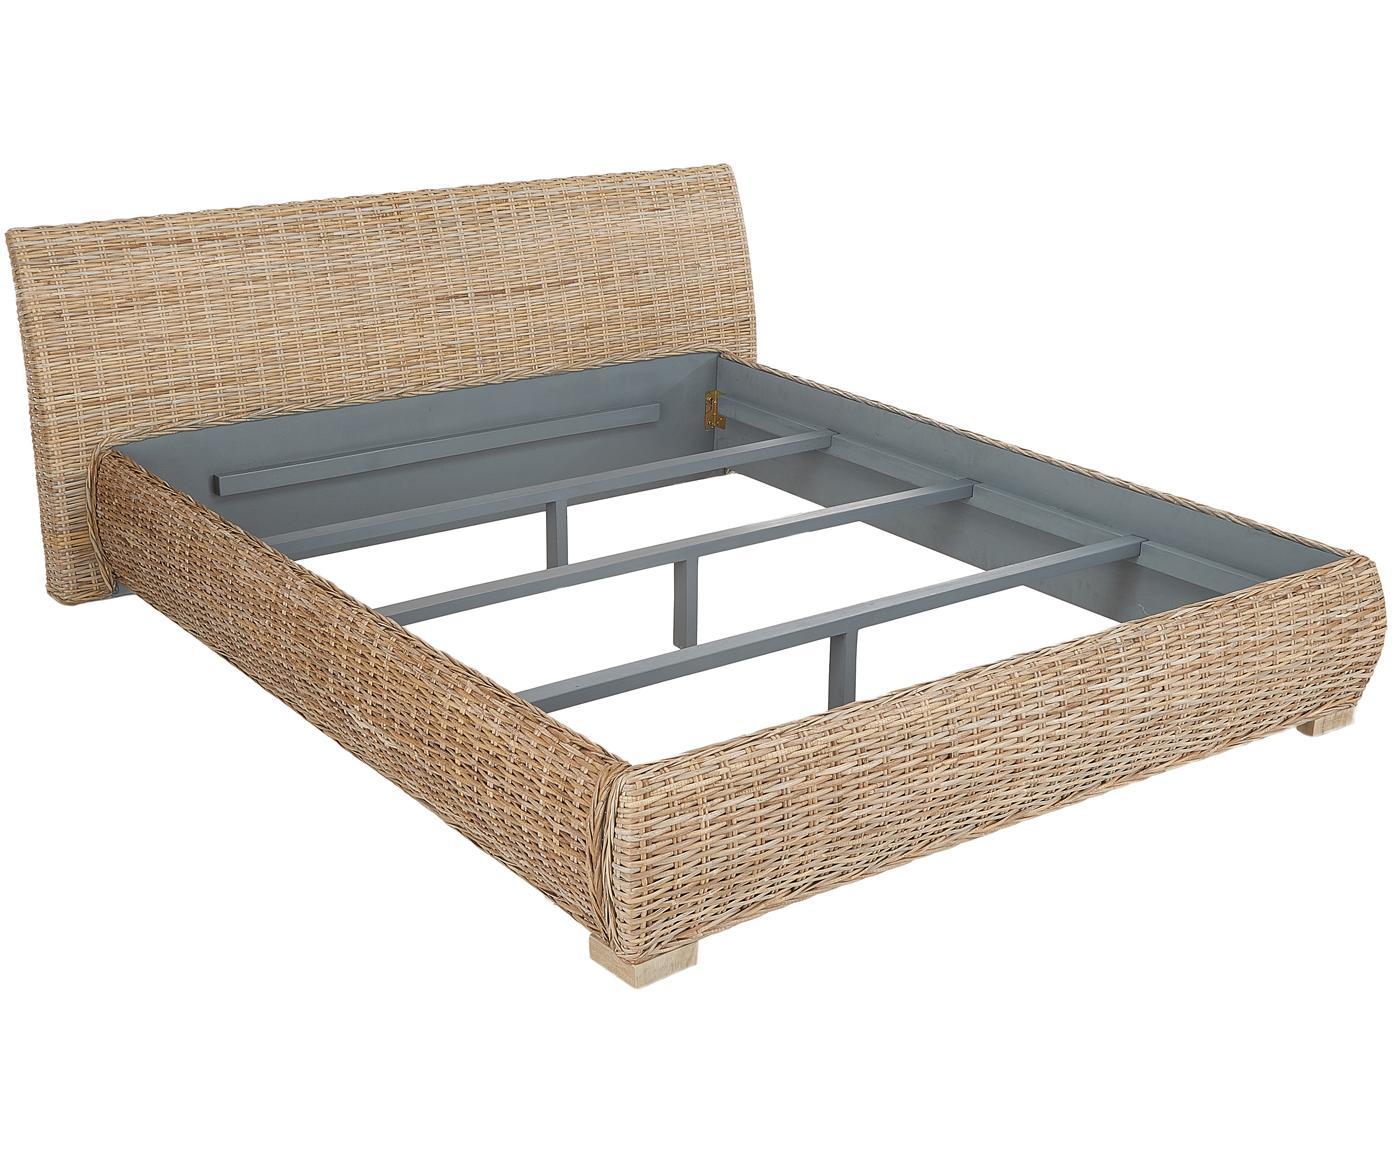 Łóżko z rattanu Kubu, Rattan, 160 x 200 cm